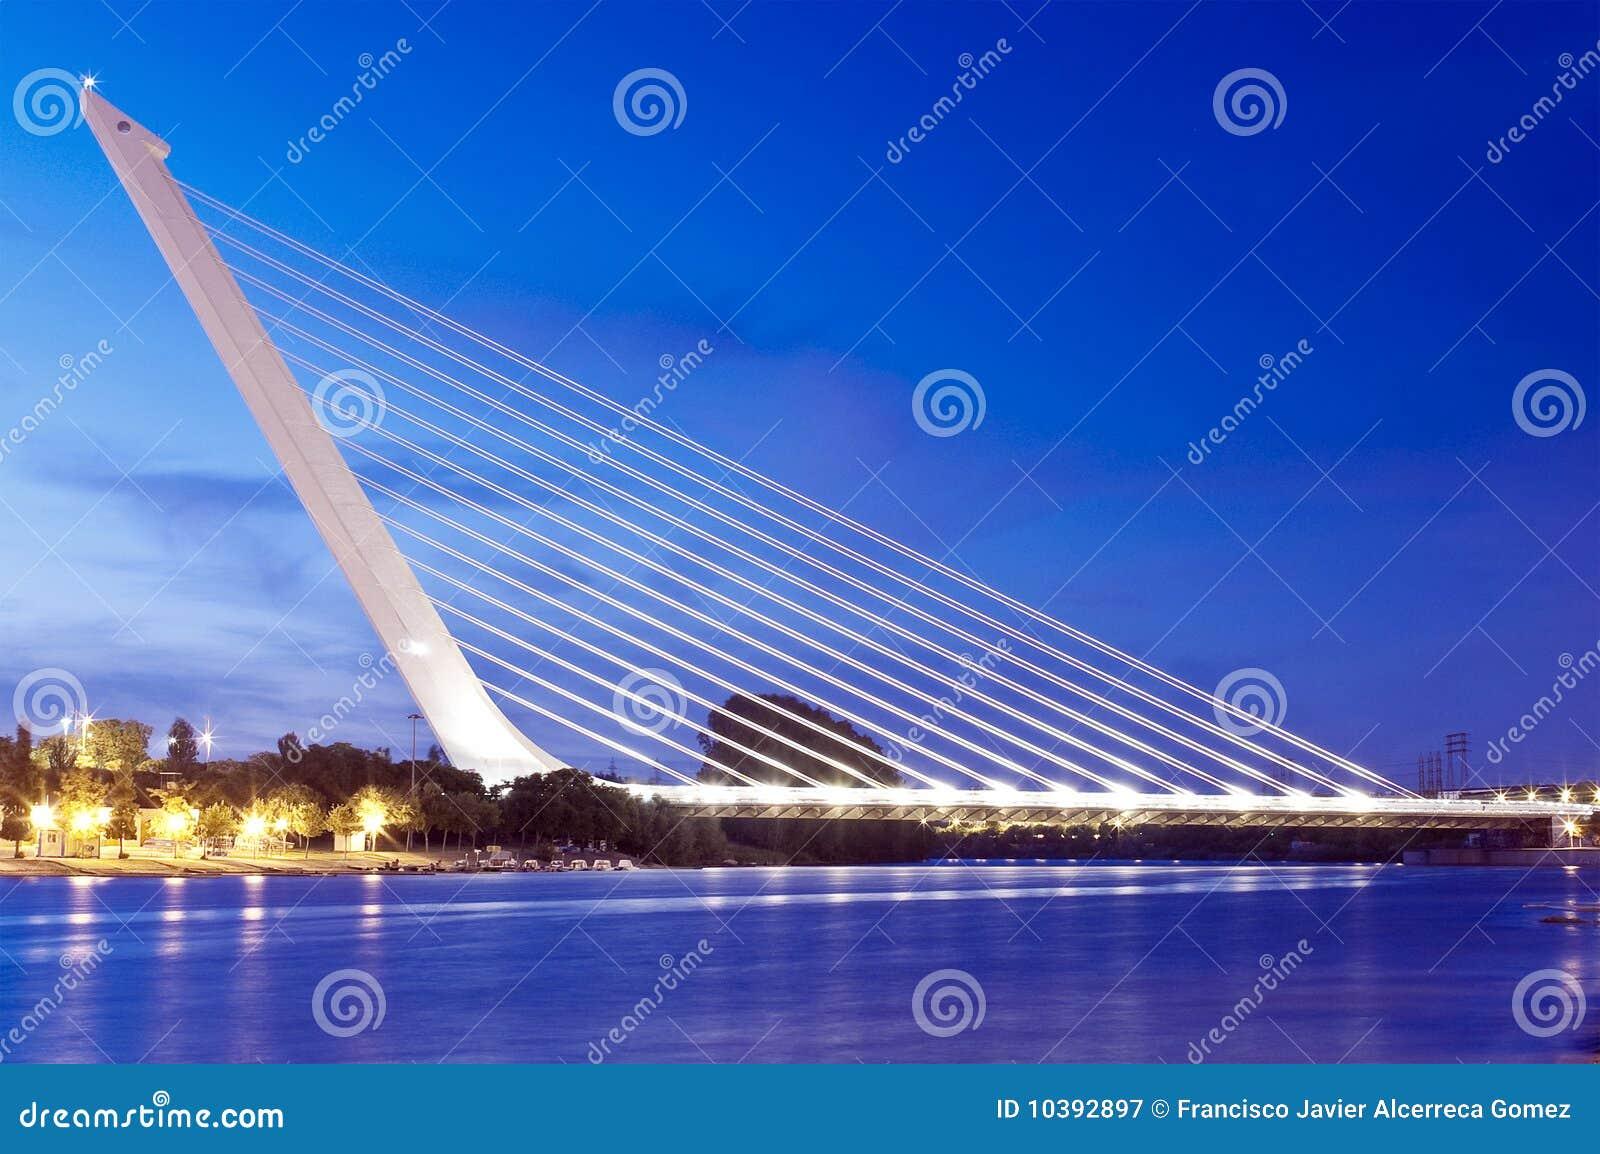 Alamillo del puente